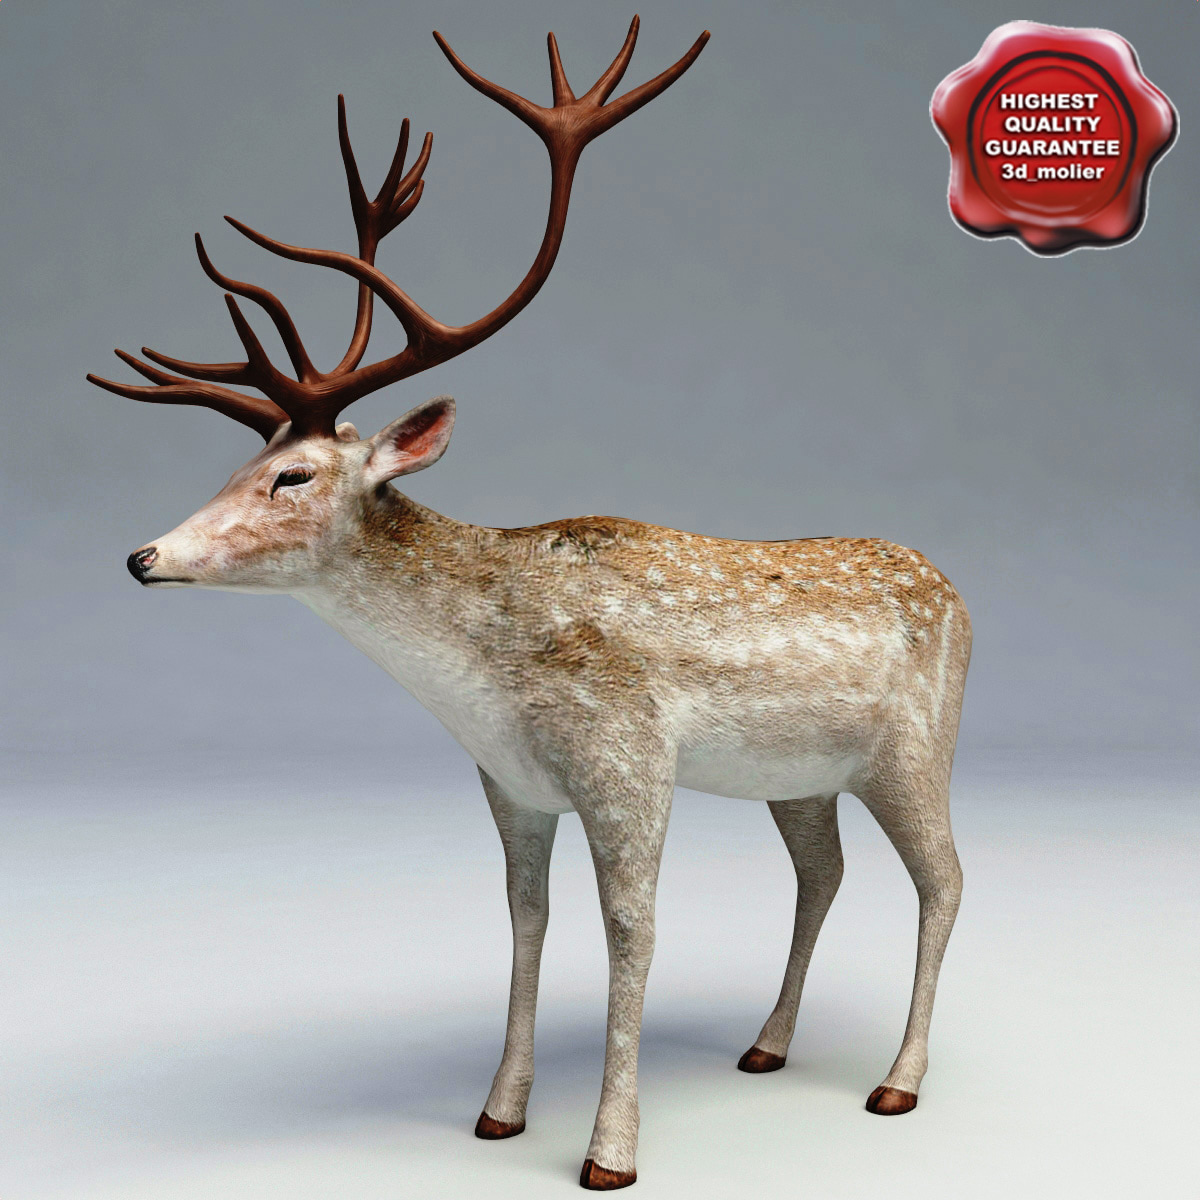 Deer_V1_00.jpg